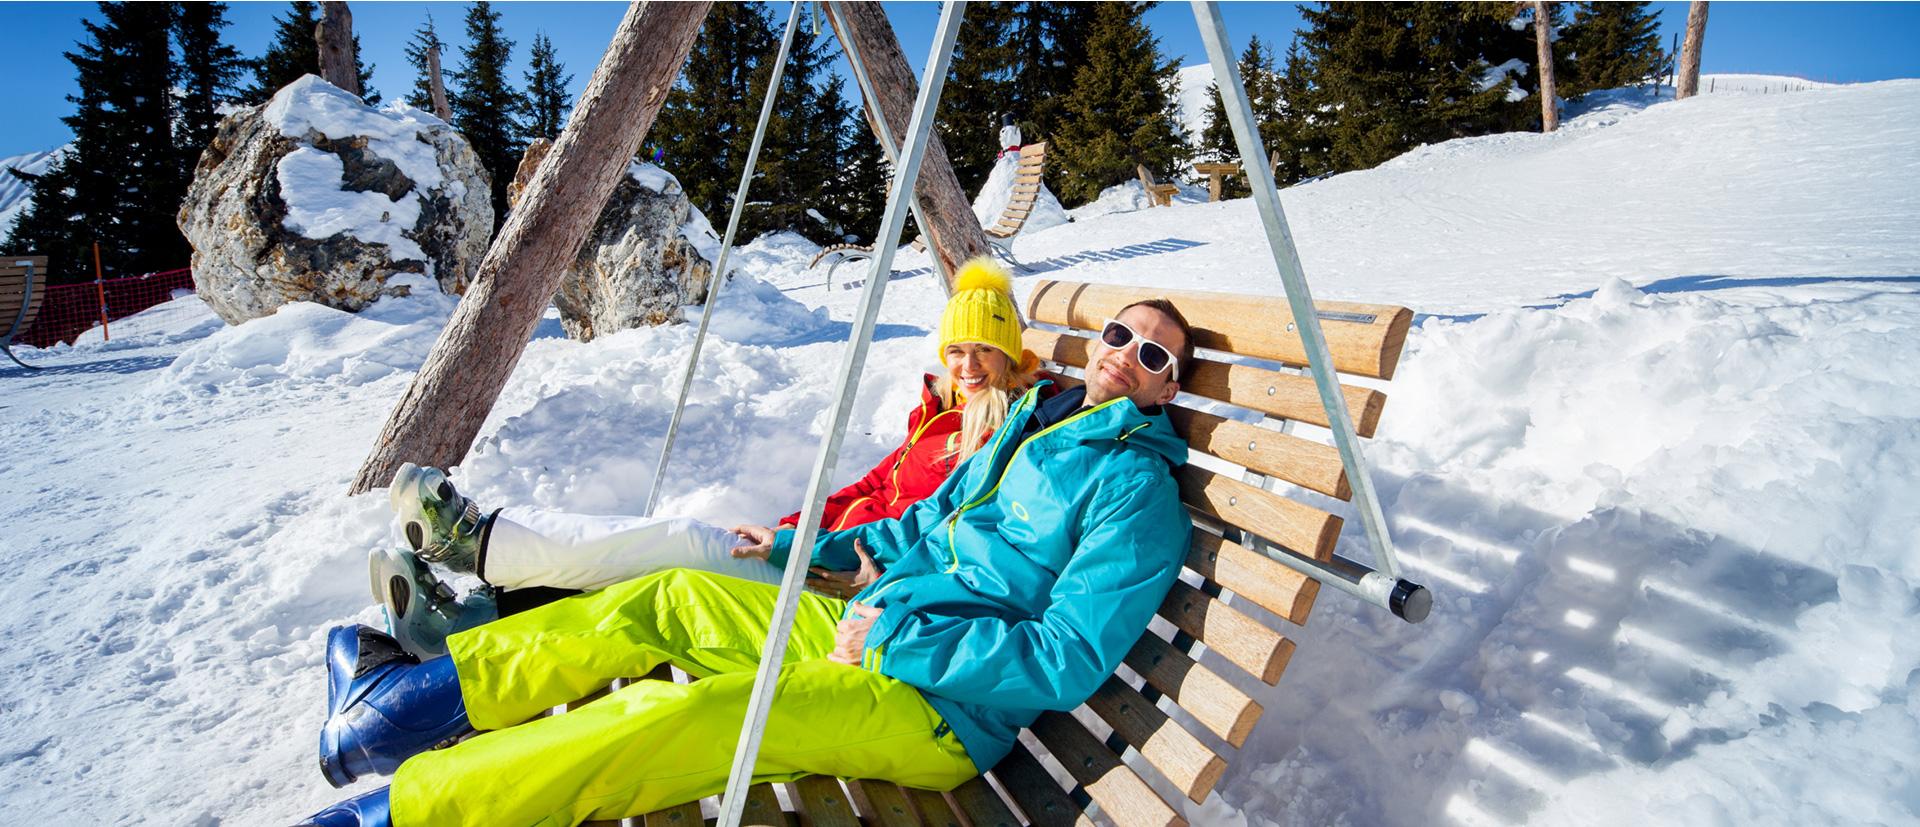 Entspannung pur in Ihrem Chalet Winterurlaub in Österreich